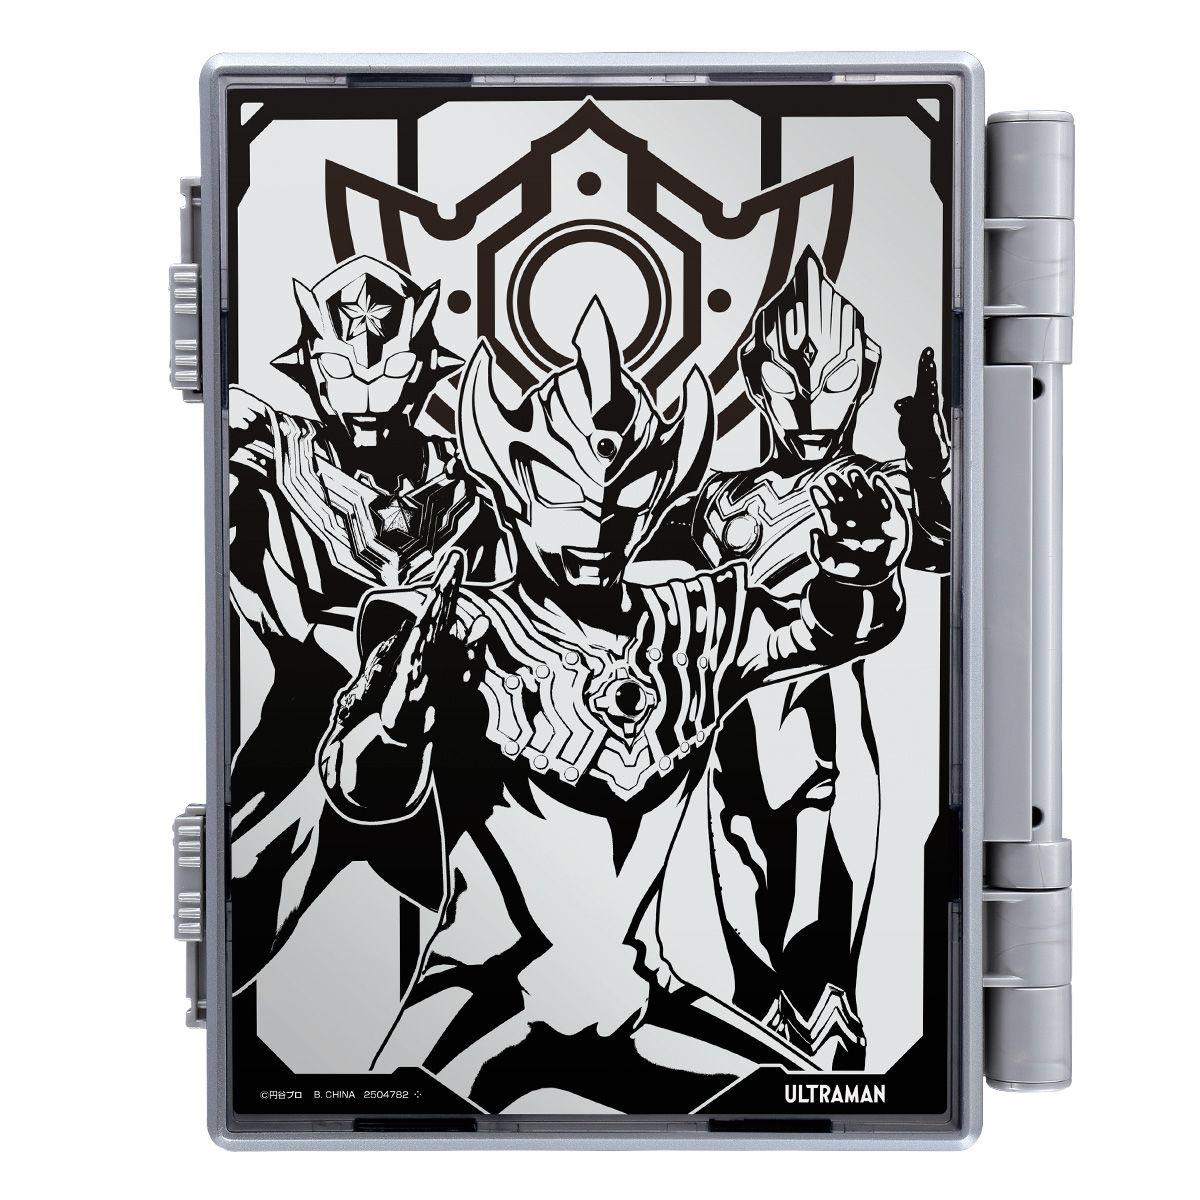 【限定販売】ウルトラマン『アバレンボウル オフィシャルメダルホルダー』ガシャポン-002